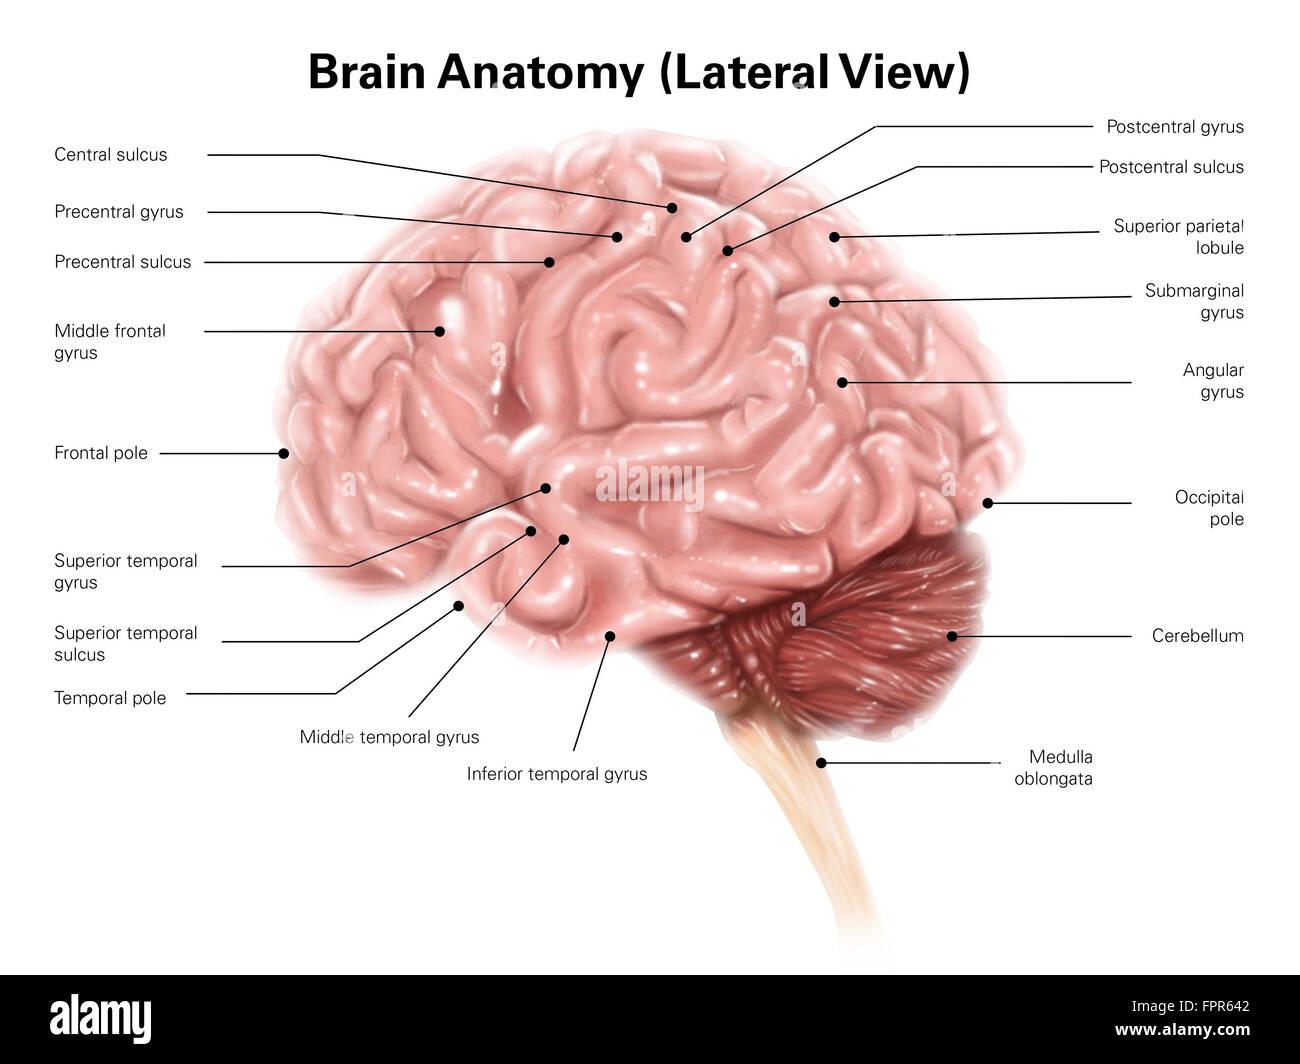 Les droits de l'anatomie du cerveau, vue latérale. Photo Stock